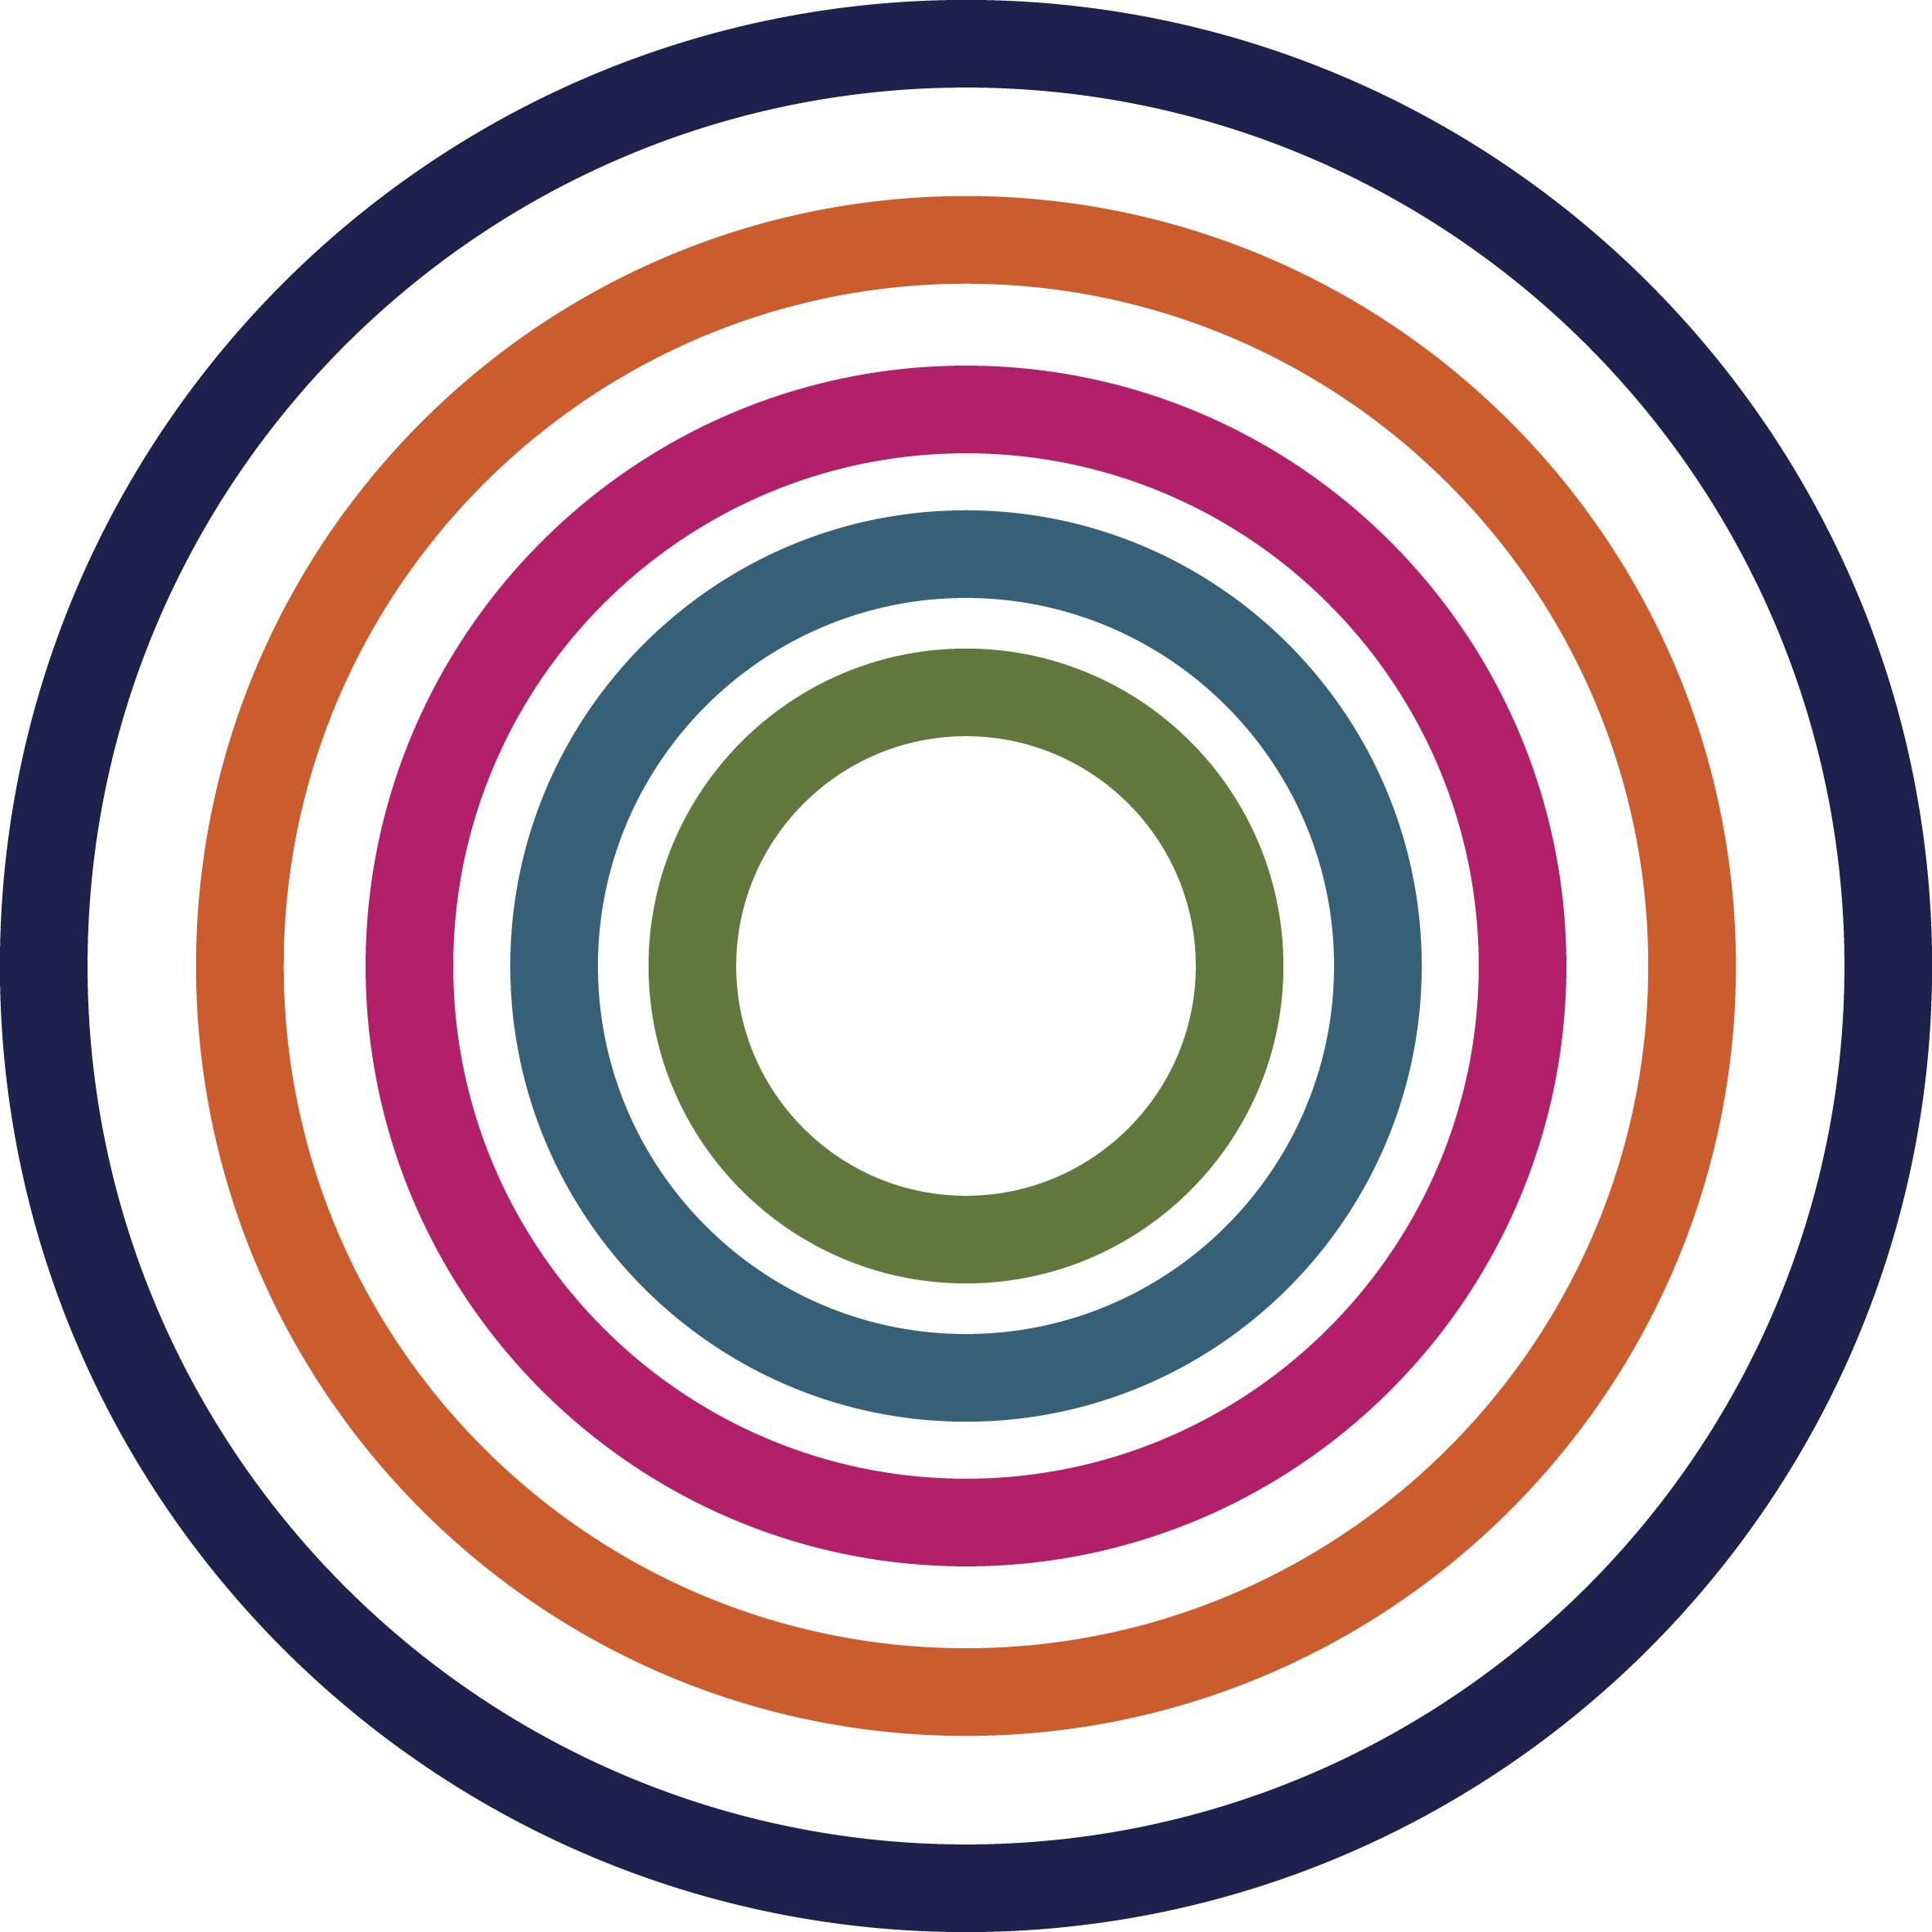 картинка круги в кругах для транспортировки